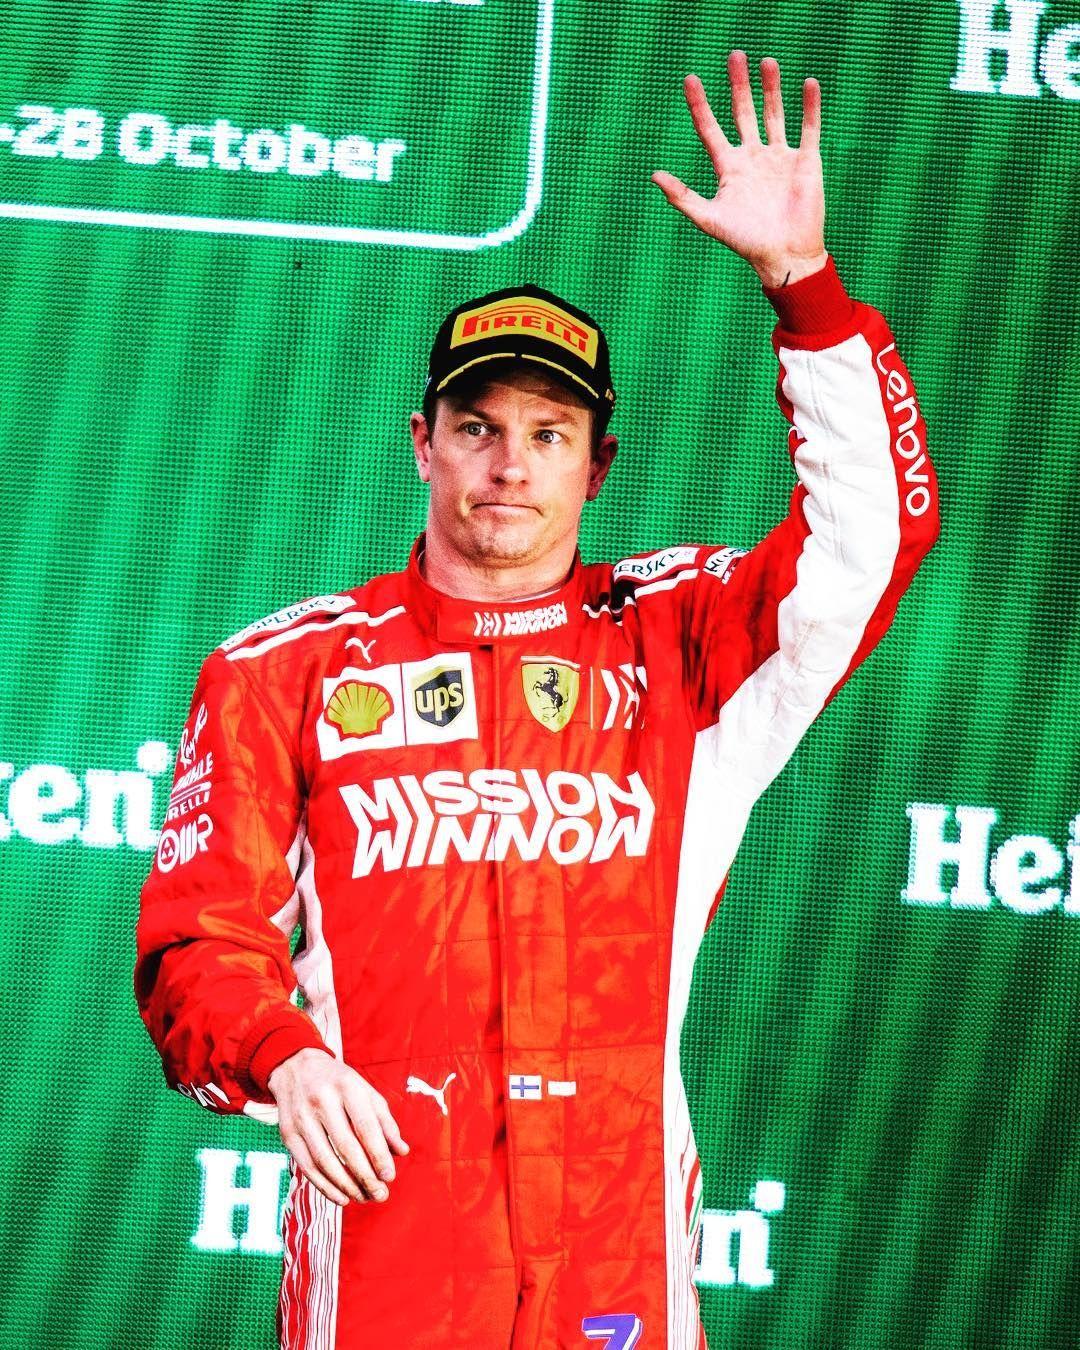 Kimi Räikkönen Instagram